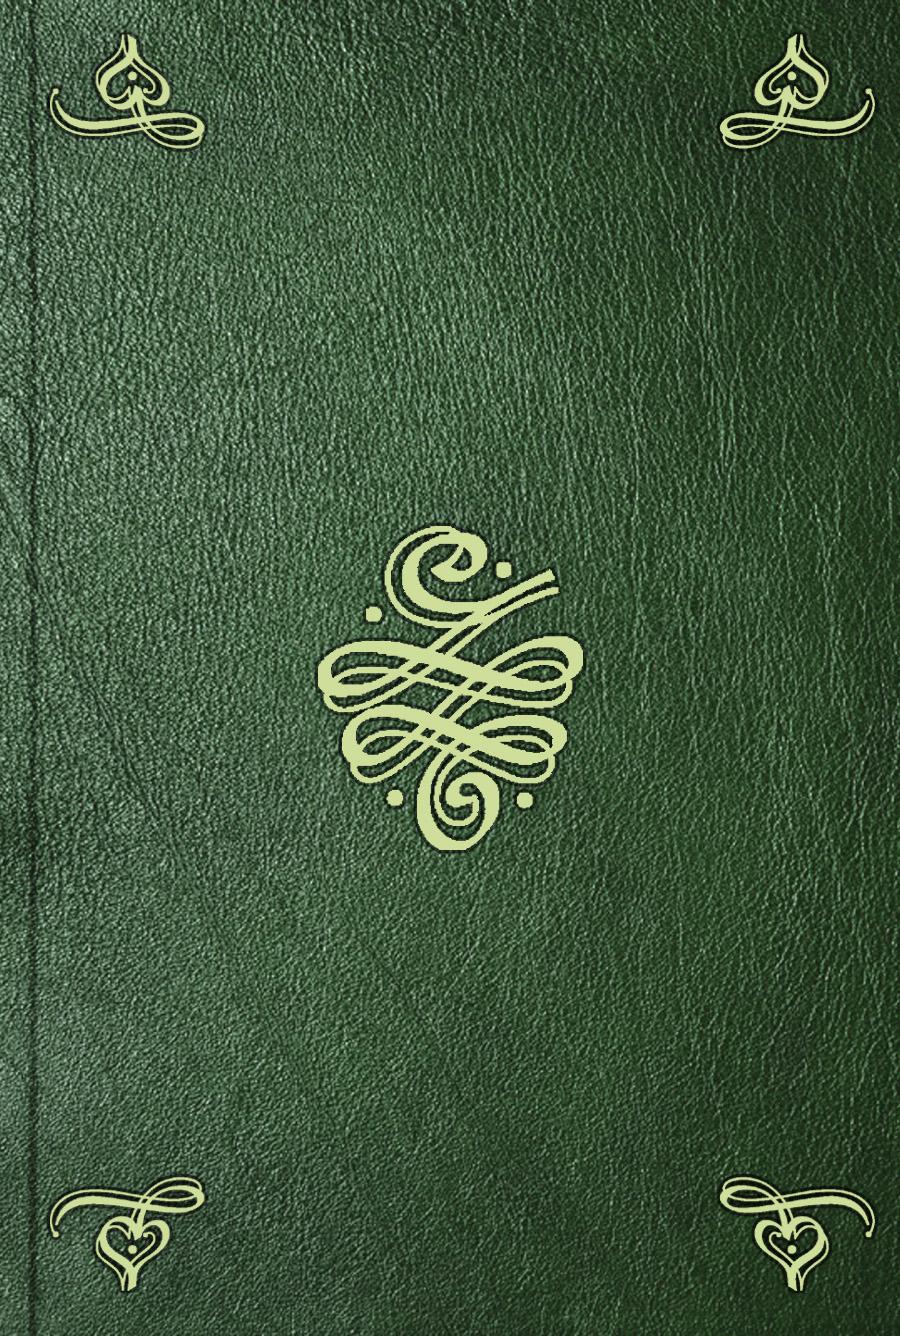 Anne d'Orbessan Mélanges historiques, critiques, de physique, de littérature et de poésie. T. 3 ivan montesi повседневные брюки